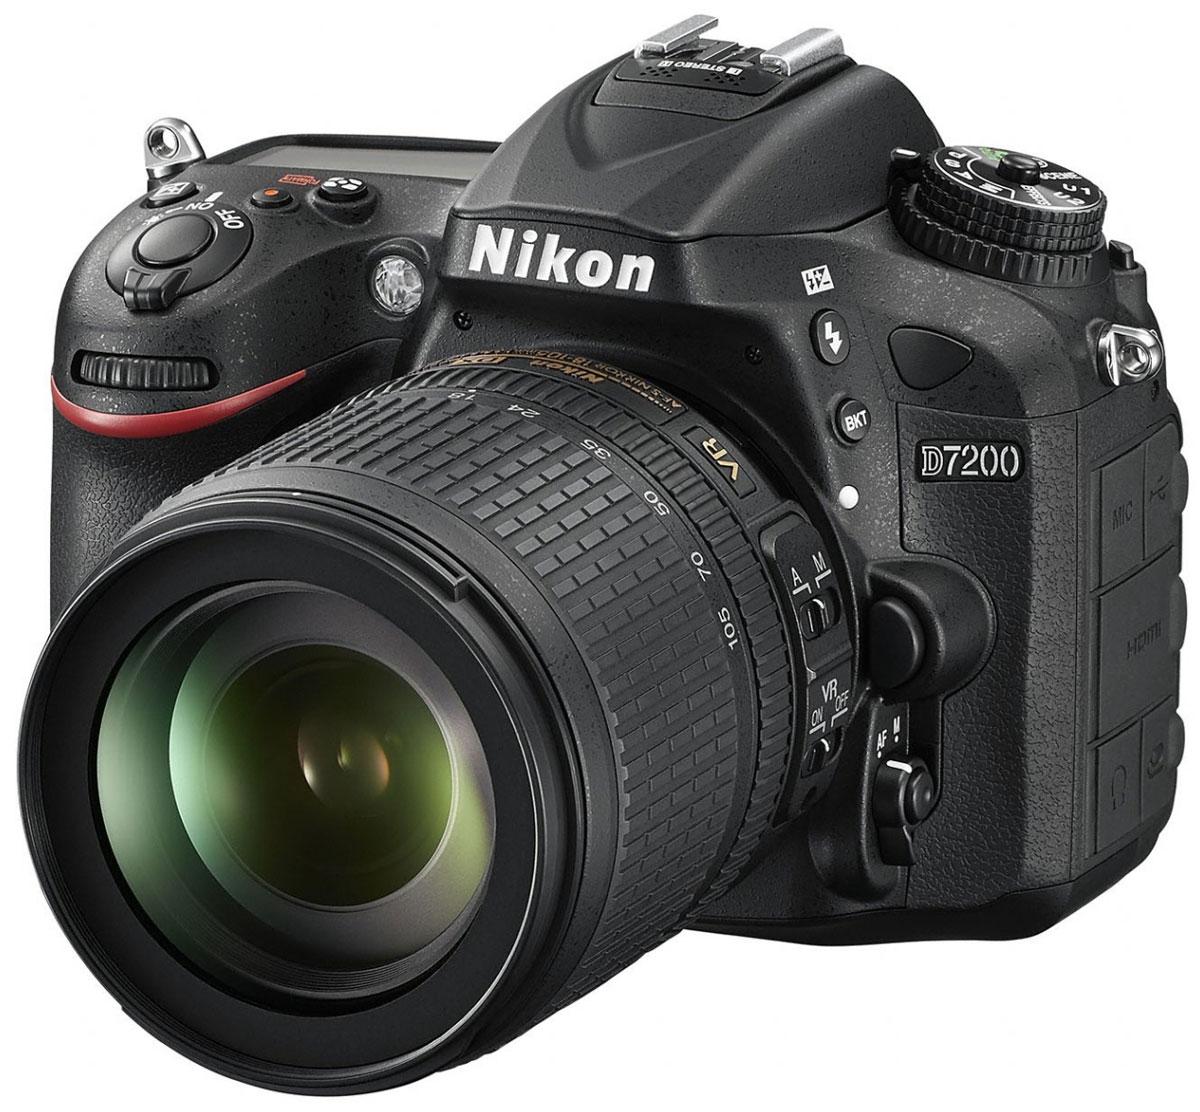 Nikon D7200 Kit 18-105 VR, Black цифровая зеркальная фотокамера - Зеркальные фотоаппараты